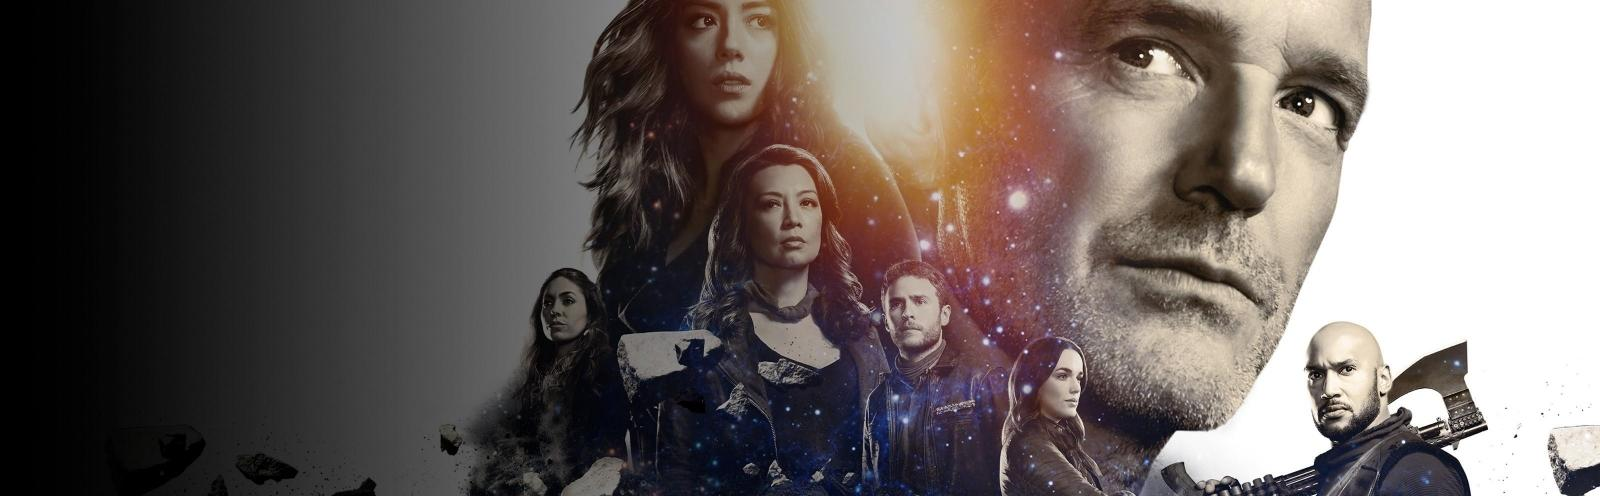 Agents Of S.H.I.E.L.D.